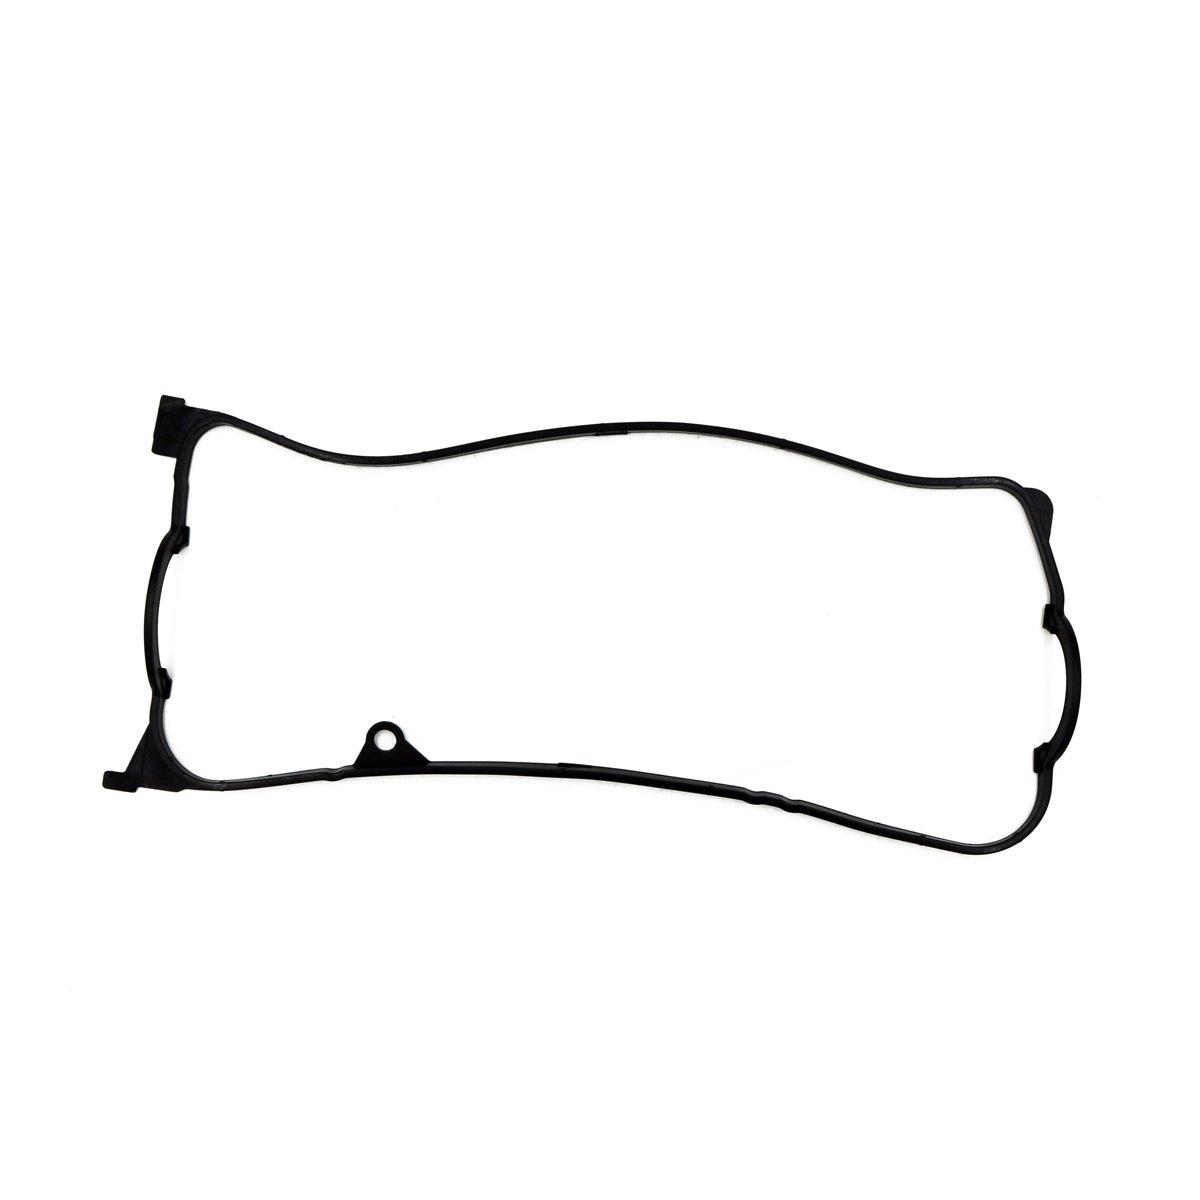 Valve Cover Gasket Set Fits 01-05 Honda Civic EX HX 1.7L SOHC D17A D17A1 D17A2